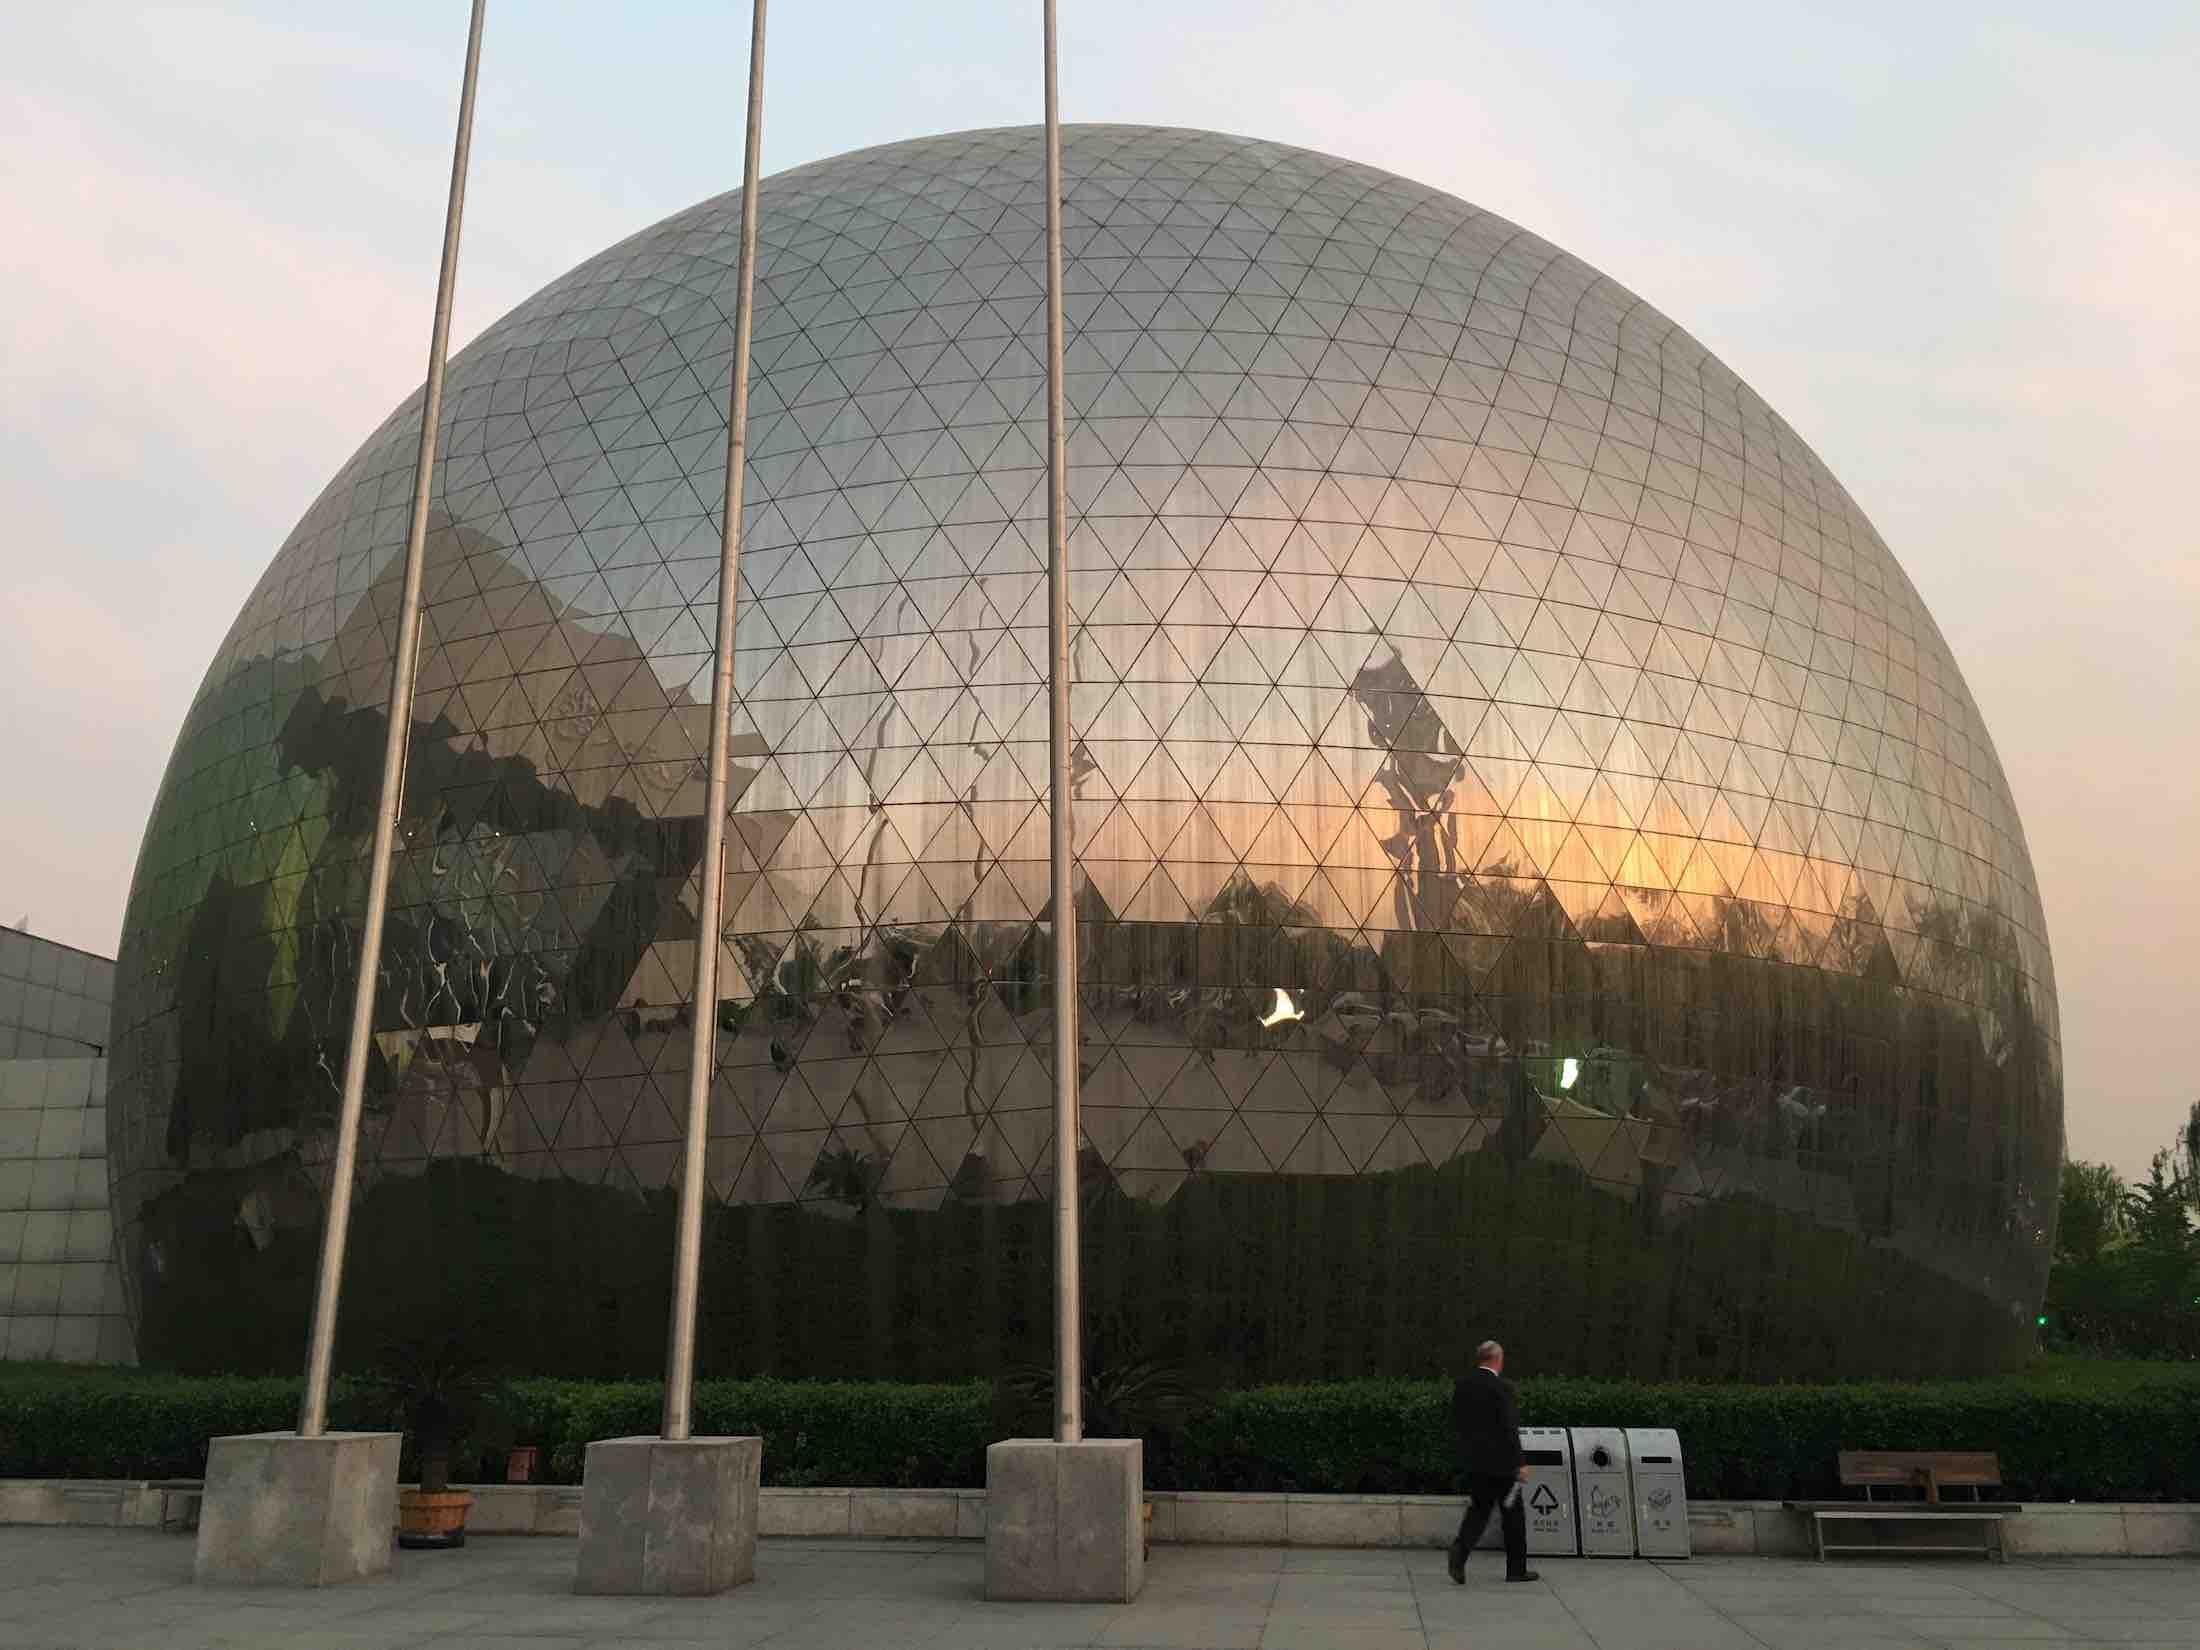 fulldome planetarium IMAX